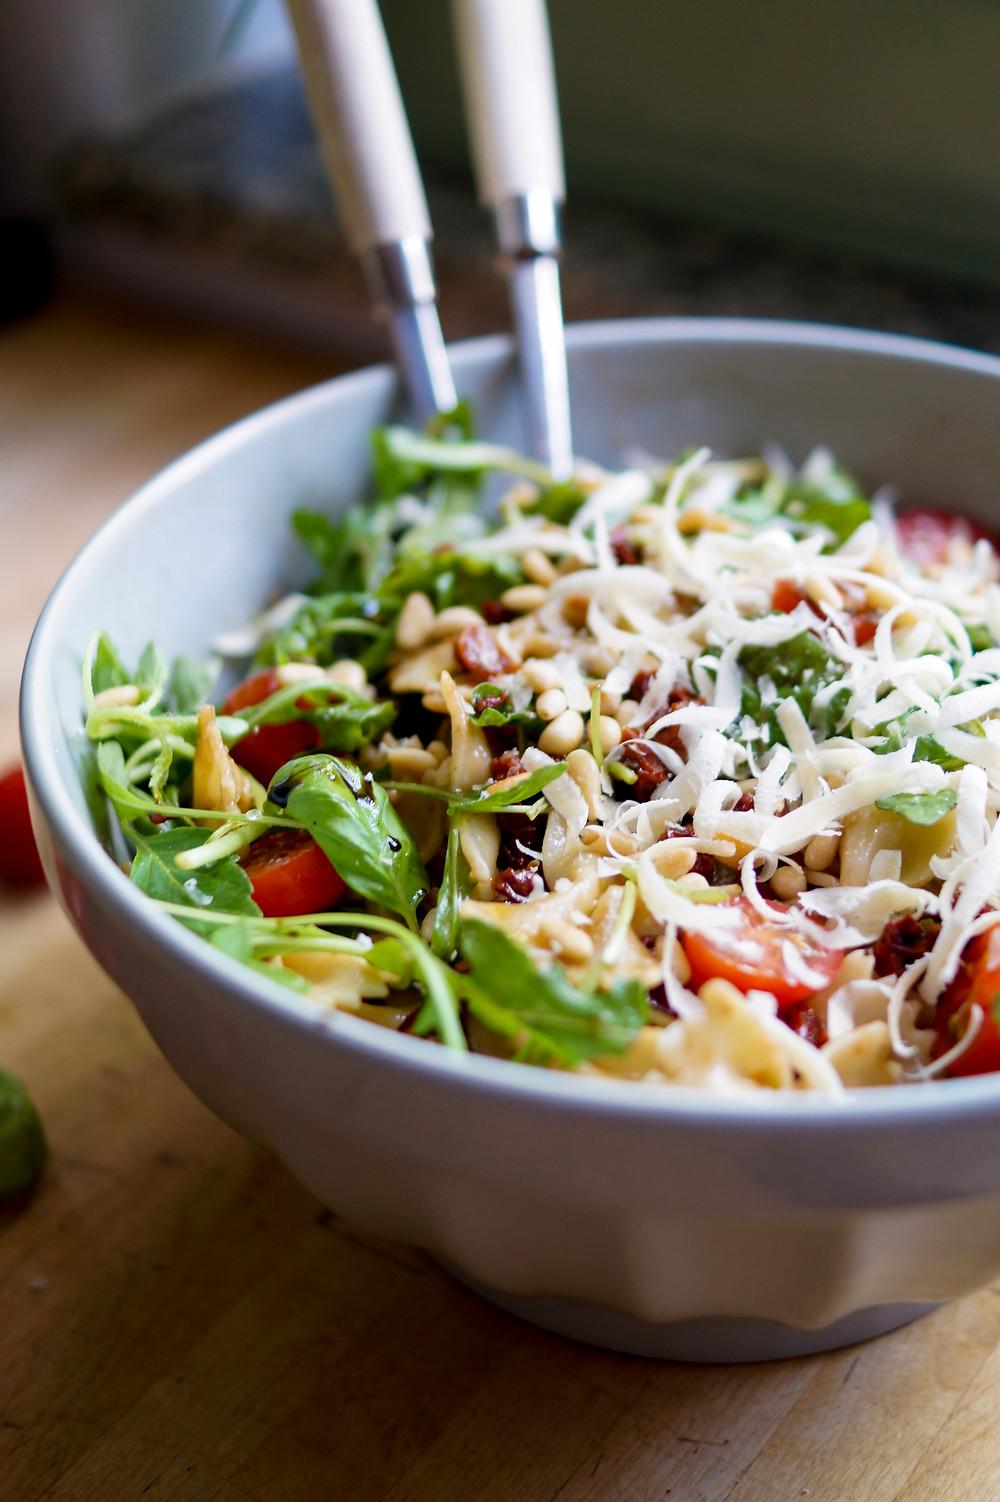 Italienischer Nudelsalat mit Parmesan, Rucola, Basilikum und getrockneten Tomaten